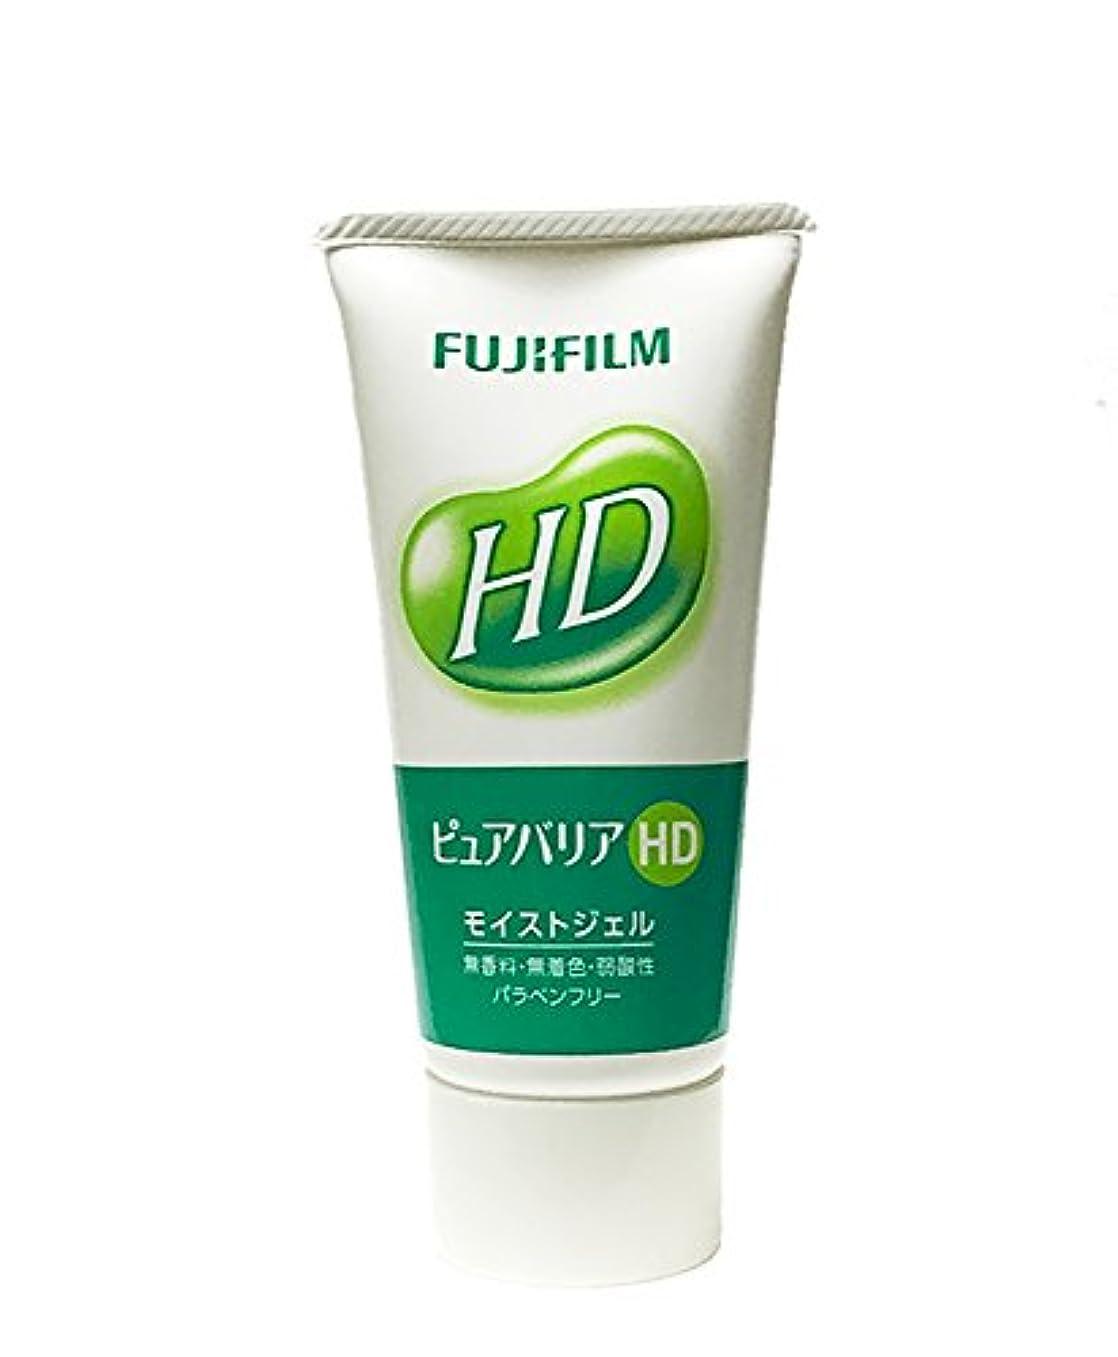 カブ兄辞任ピュアバリアHD モイストジェル60g